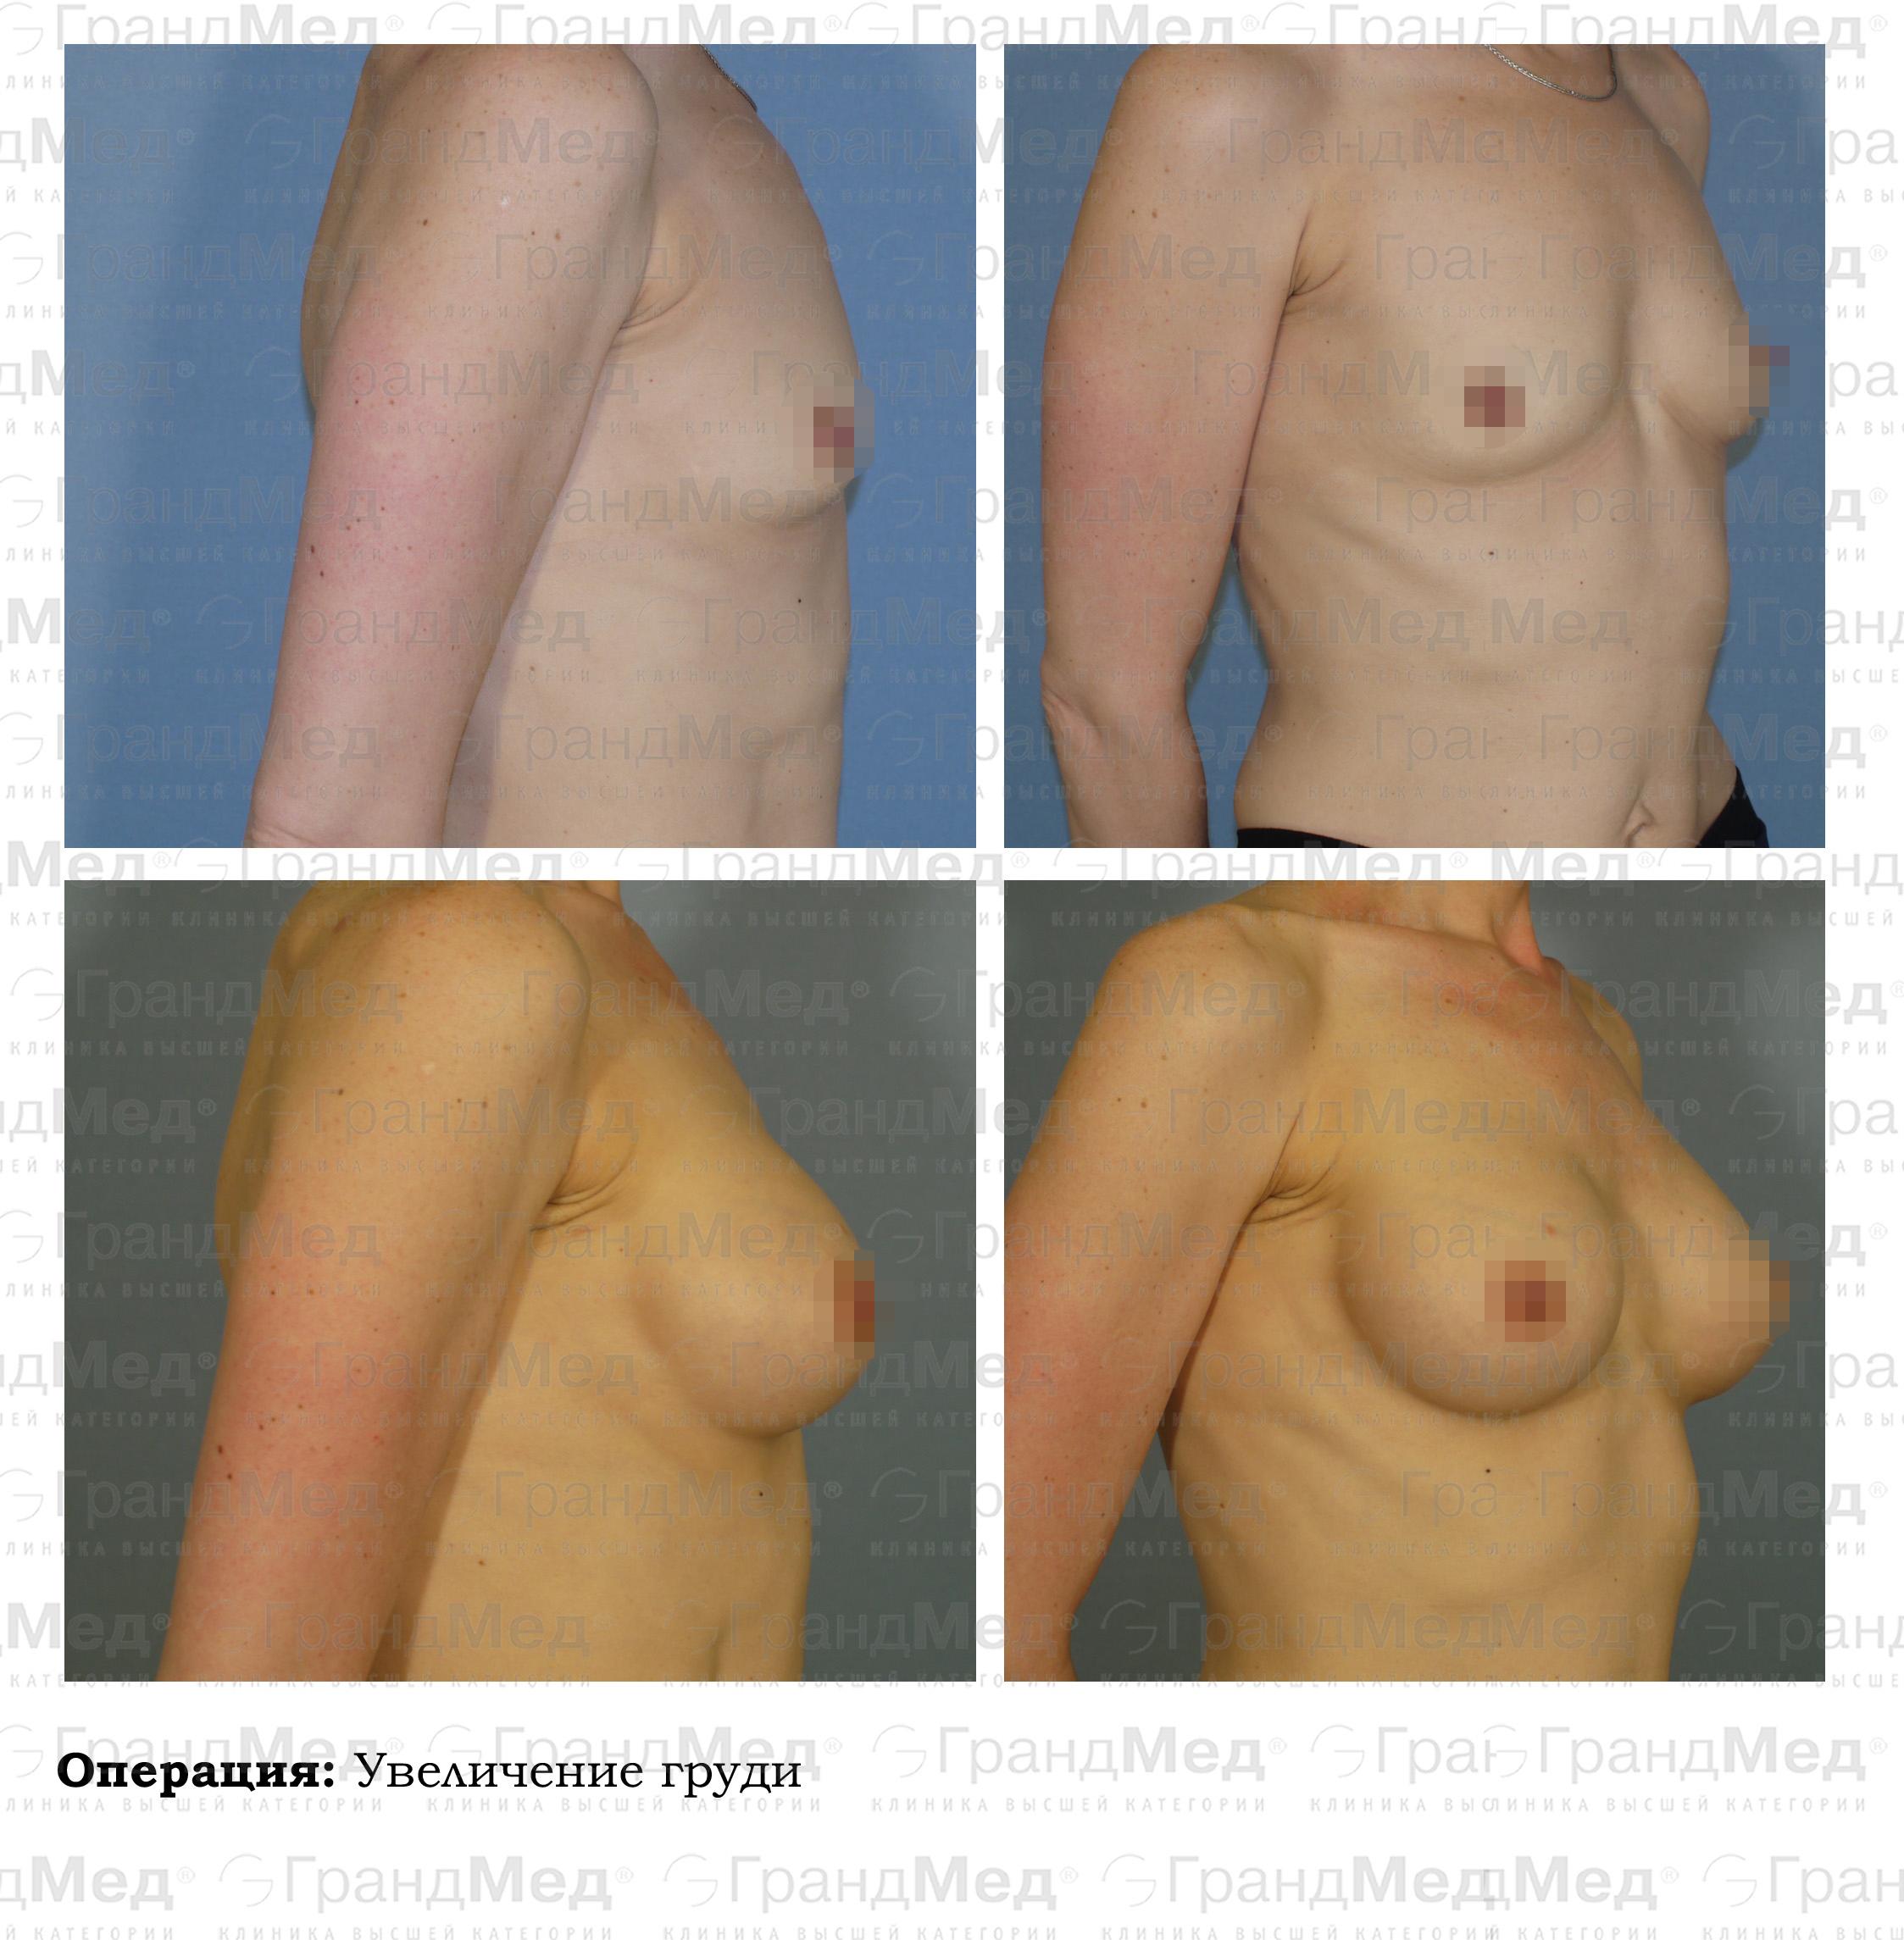 Увеличение груди петербург 28 фотография